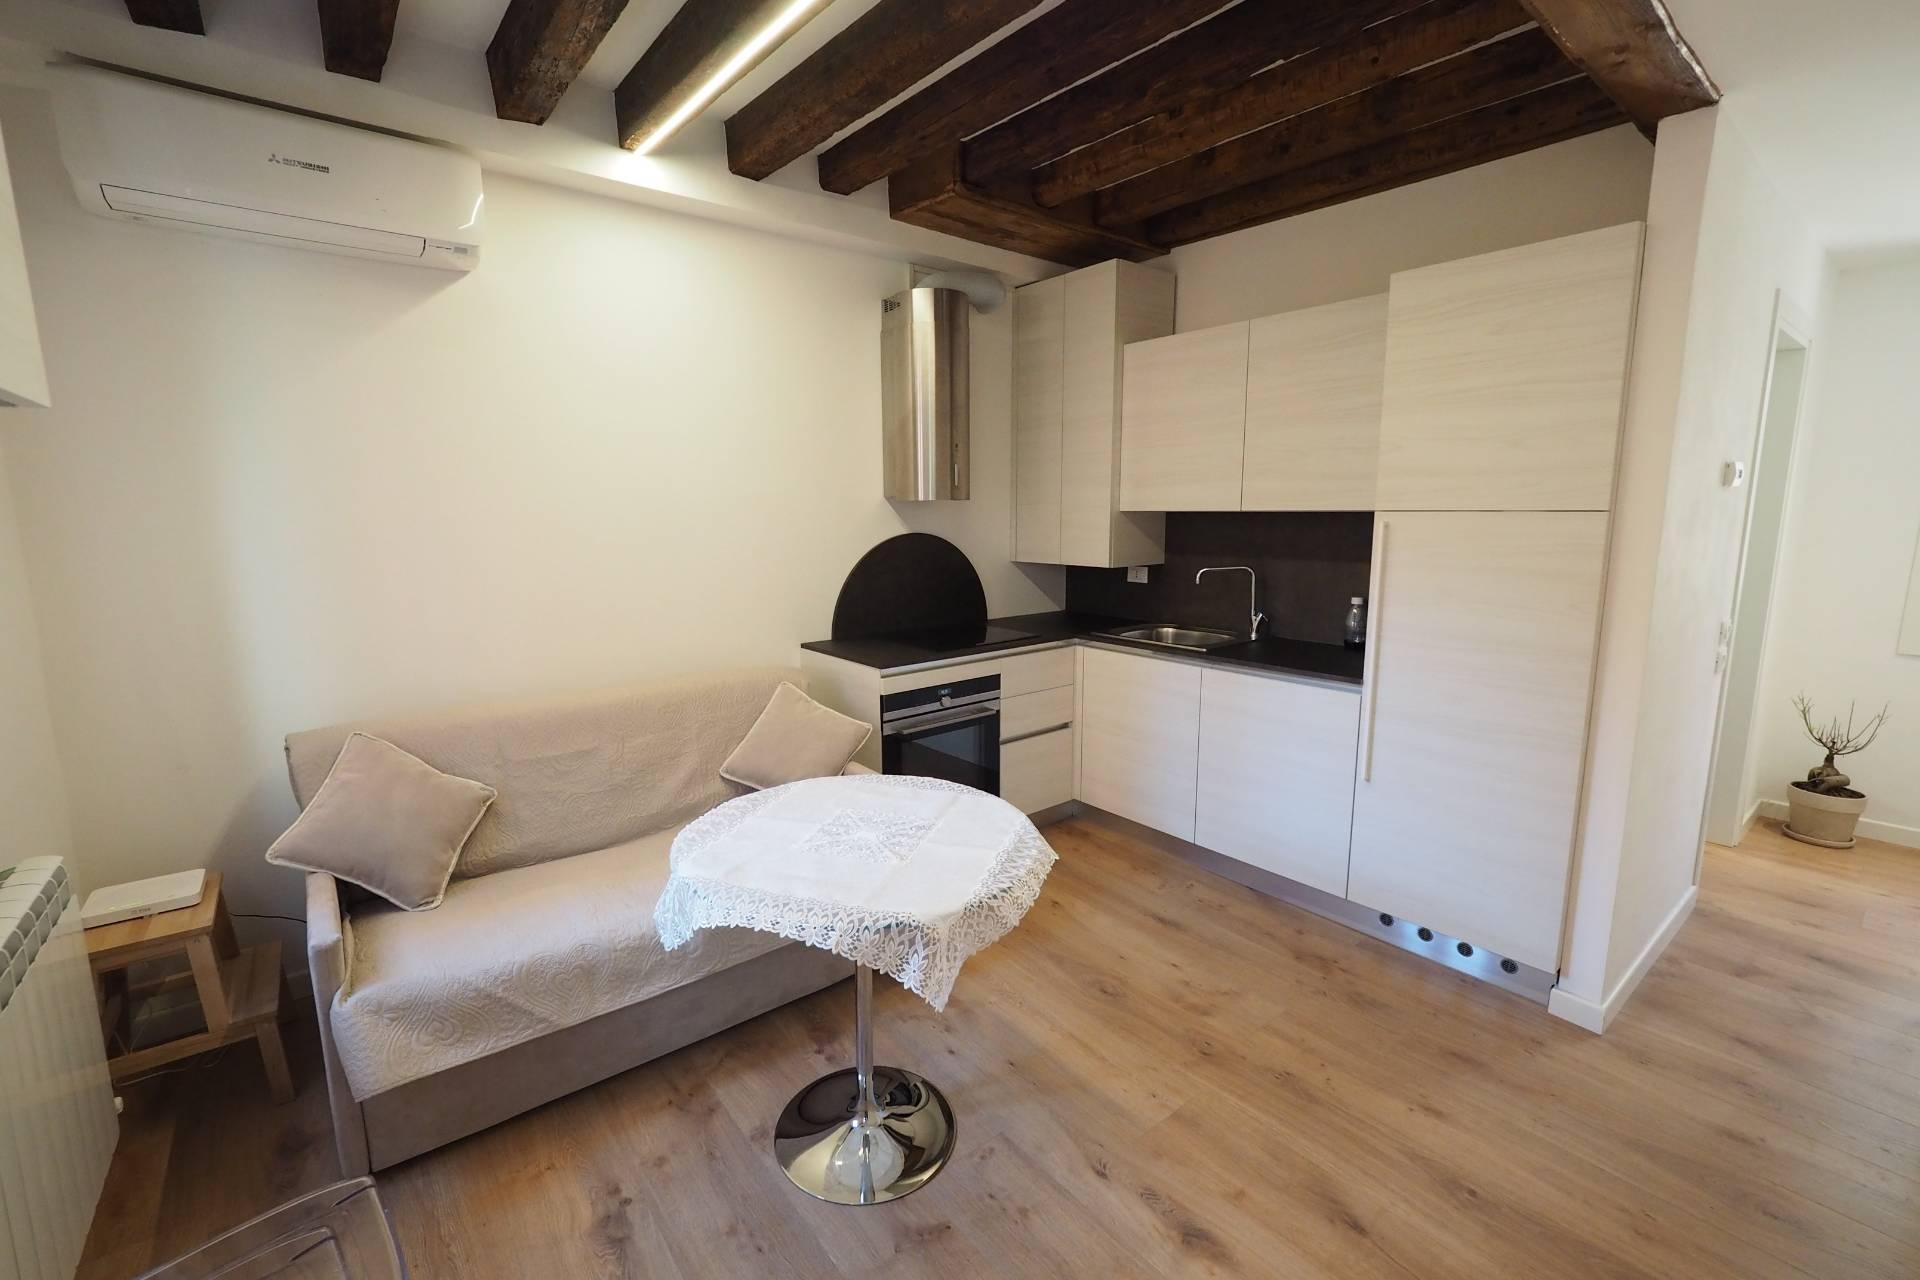 vendita appartamento venezia cannaregio  350000 euro  3 locali  40 mq